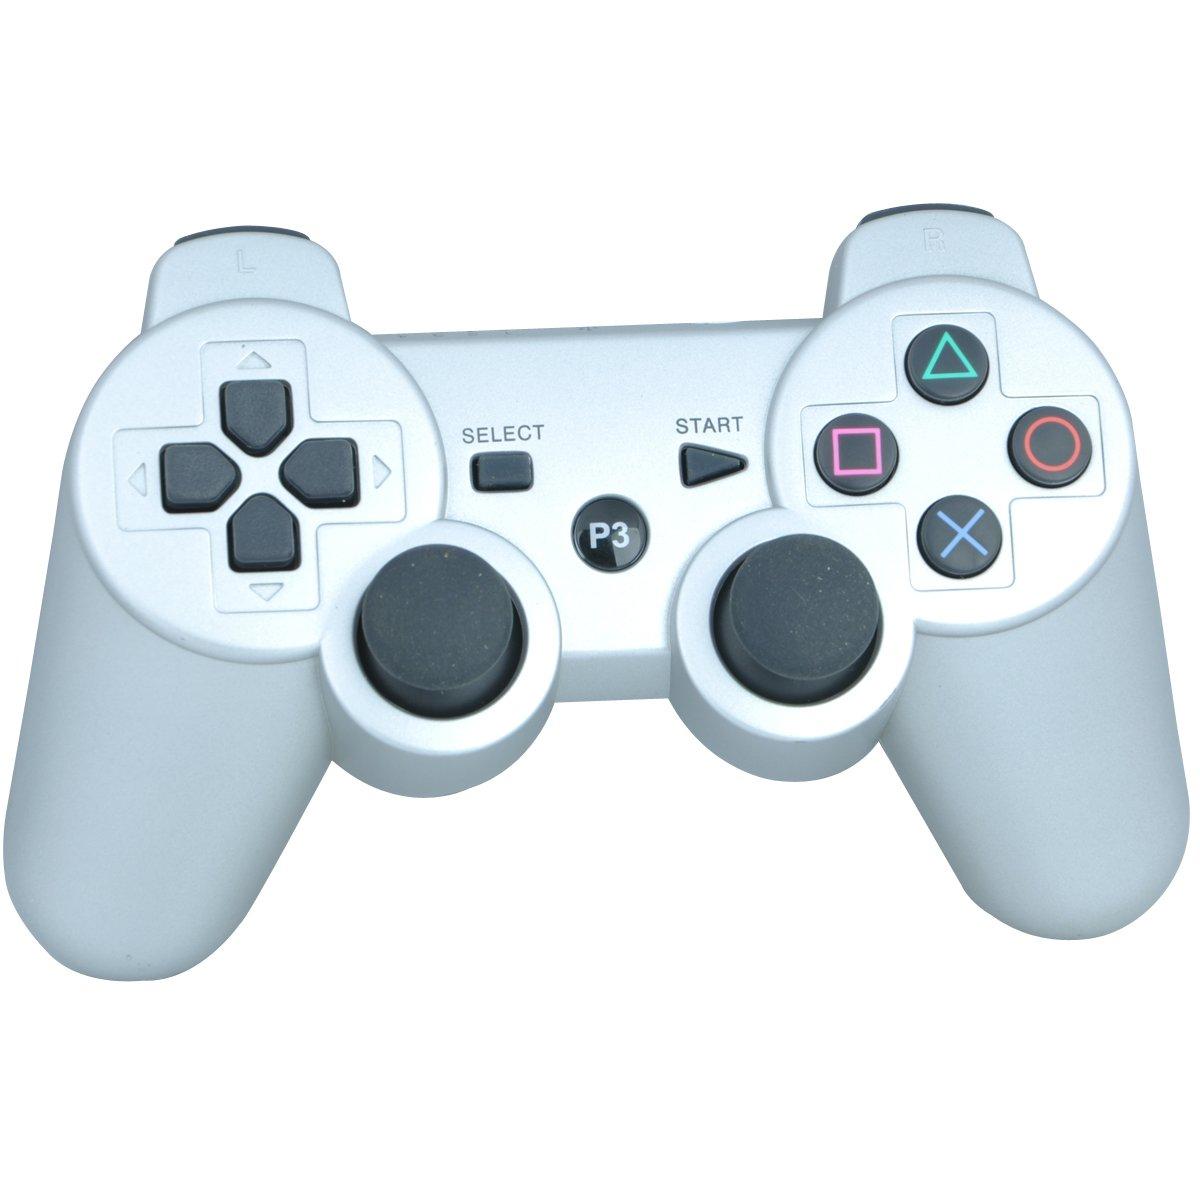 Generic P3 Controller